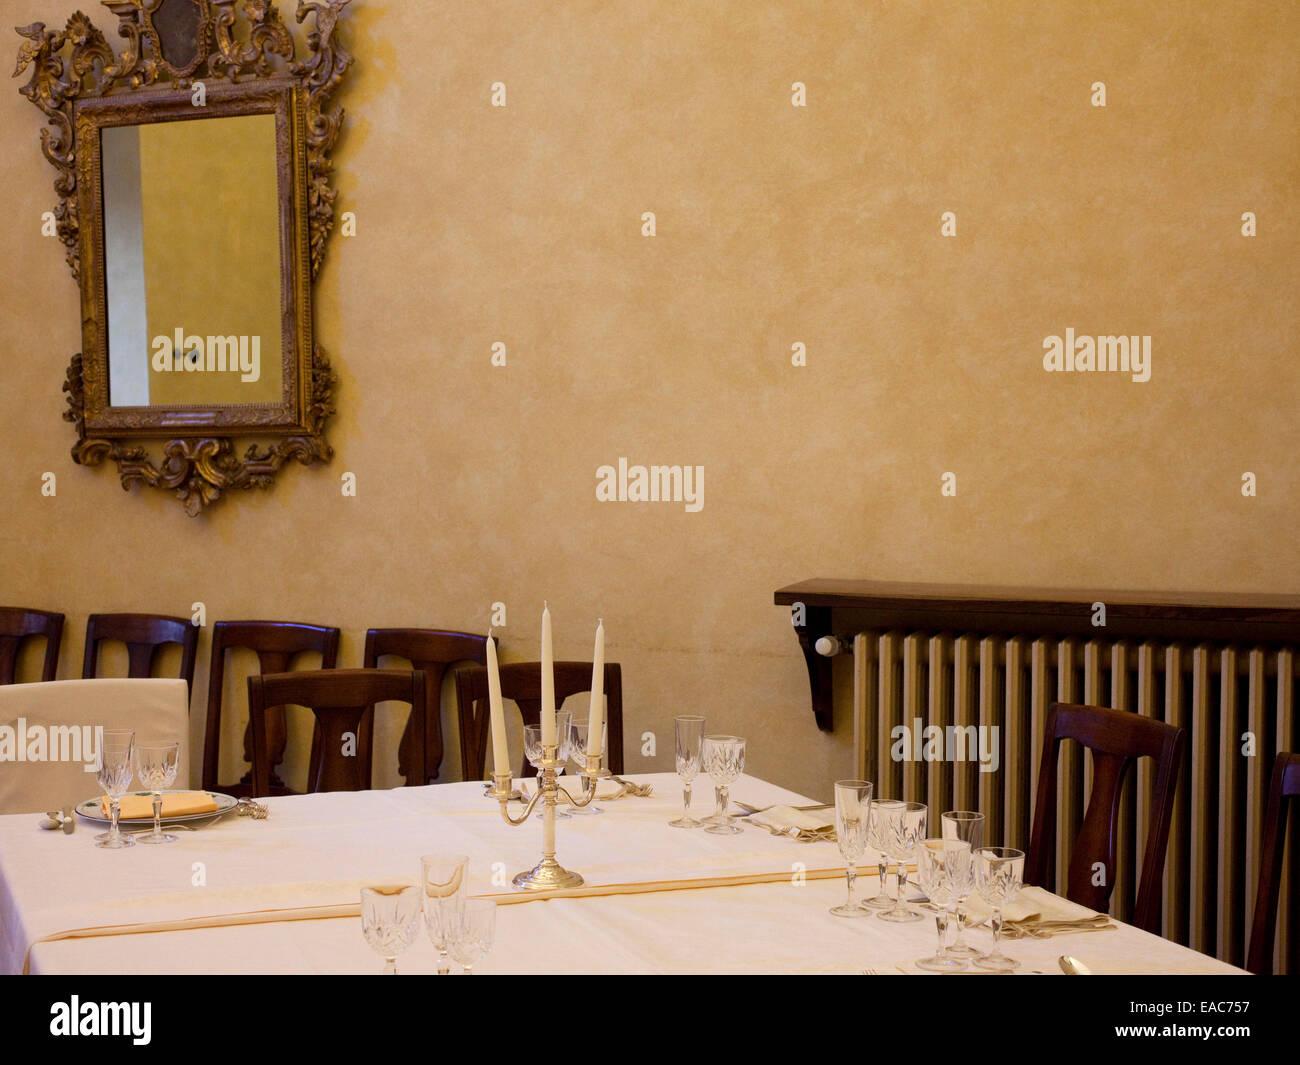 Velas de Mesa vestida de blanco de mesa comedor Imagen De Stock